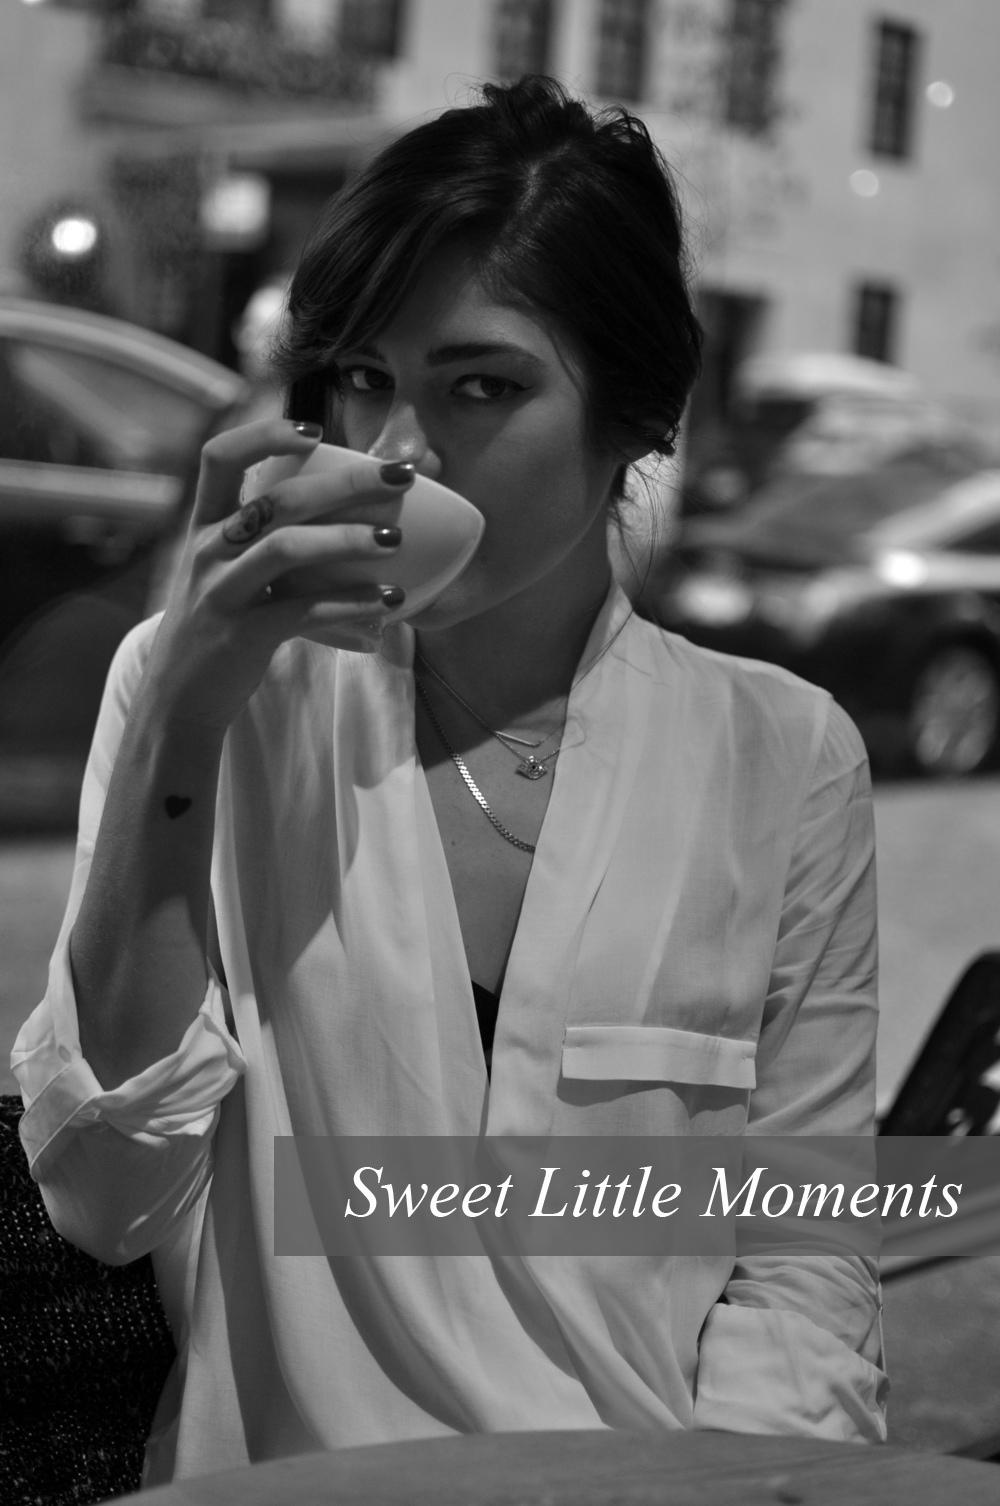 Sweet_Little_Moments.jpg